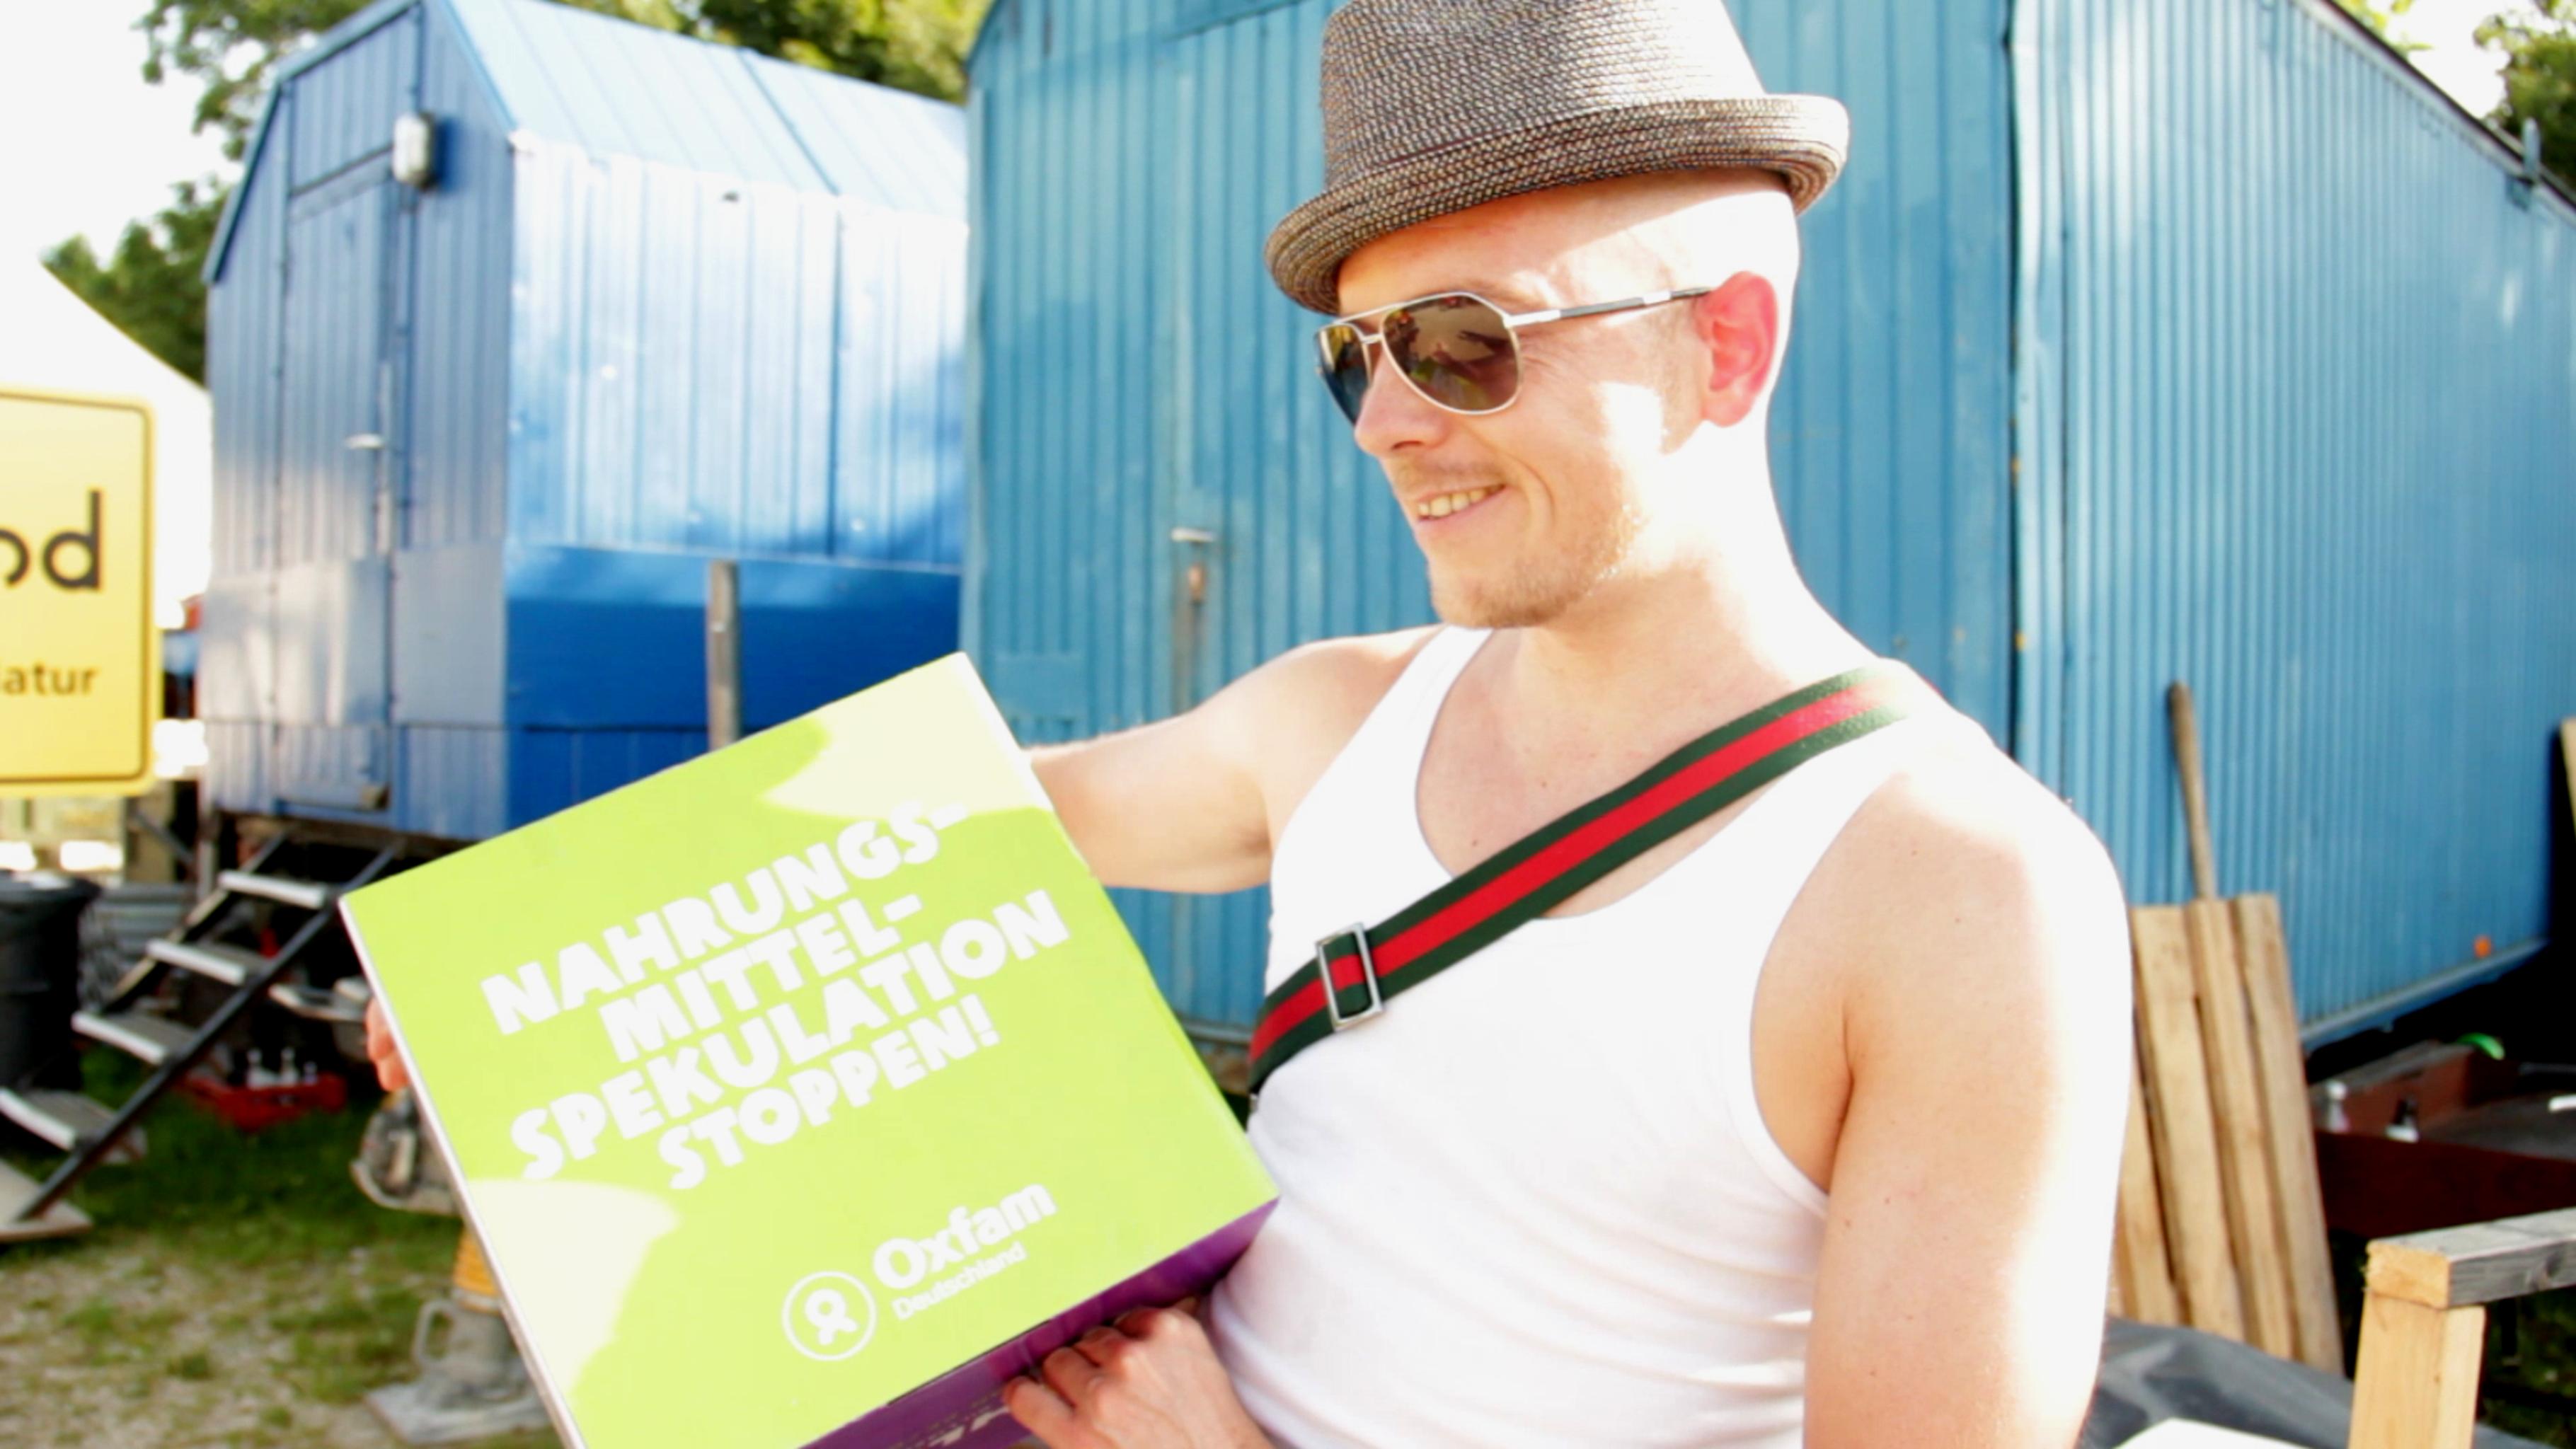 Jan Delay unterstützt Oxfam Kampagne gegen Nahrungsmittelspekulation.